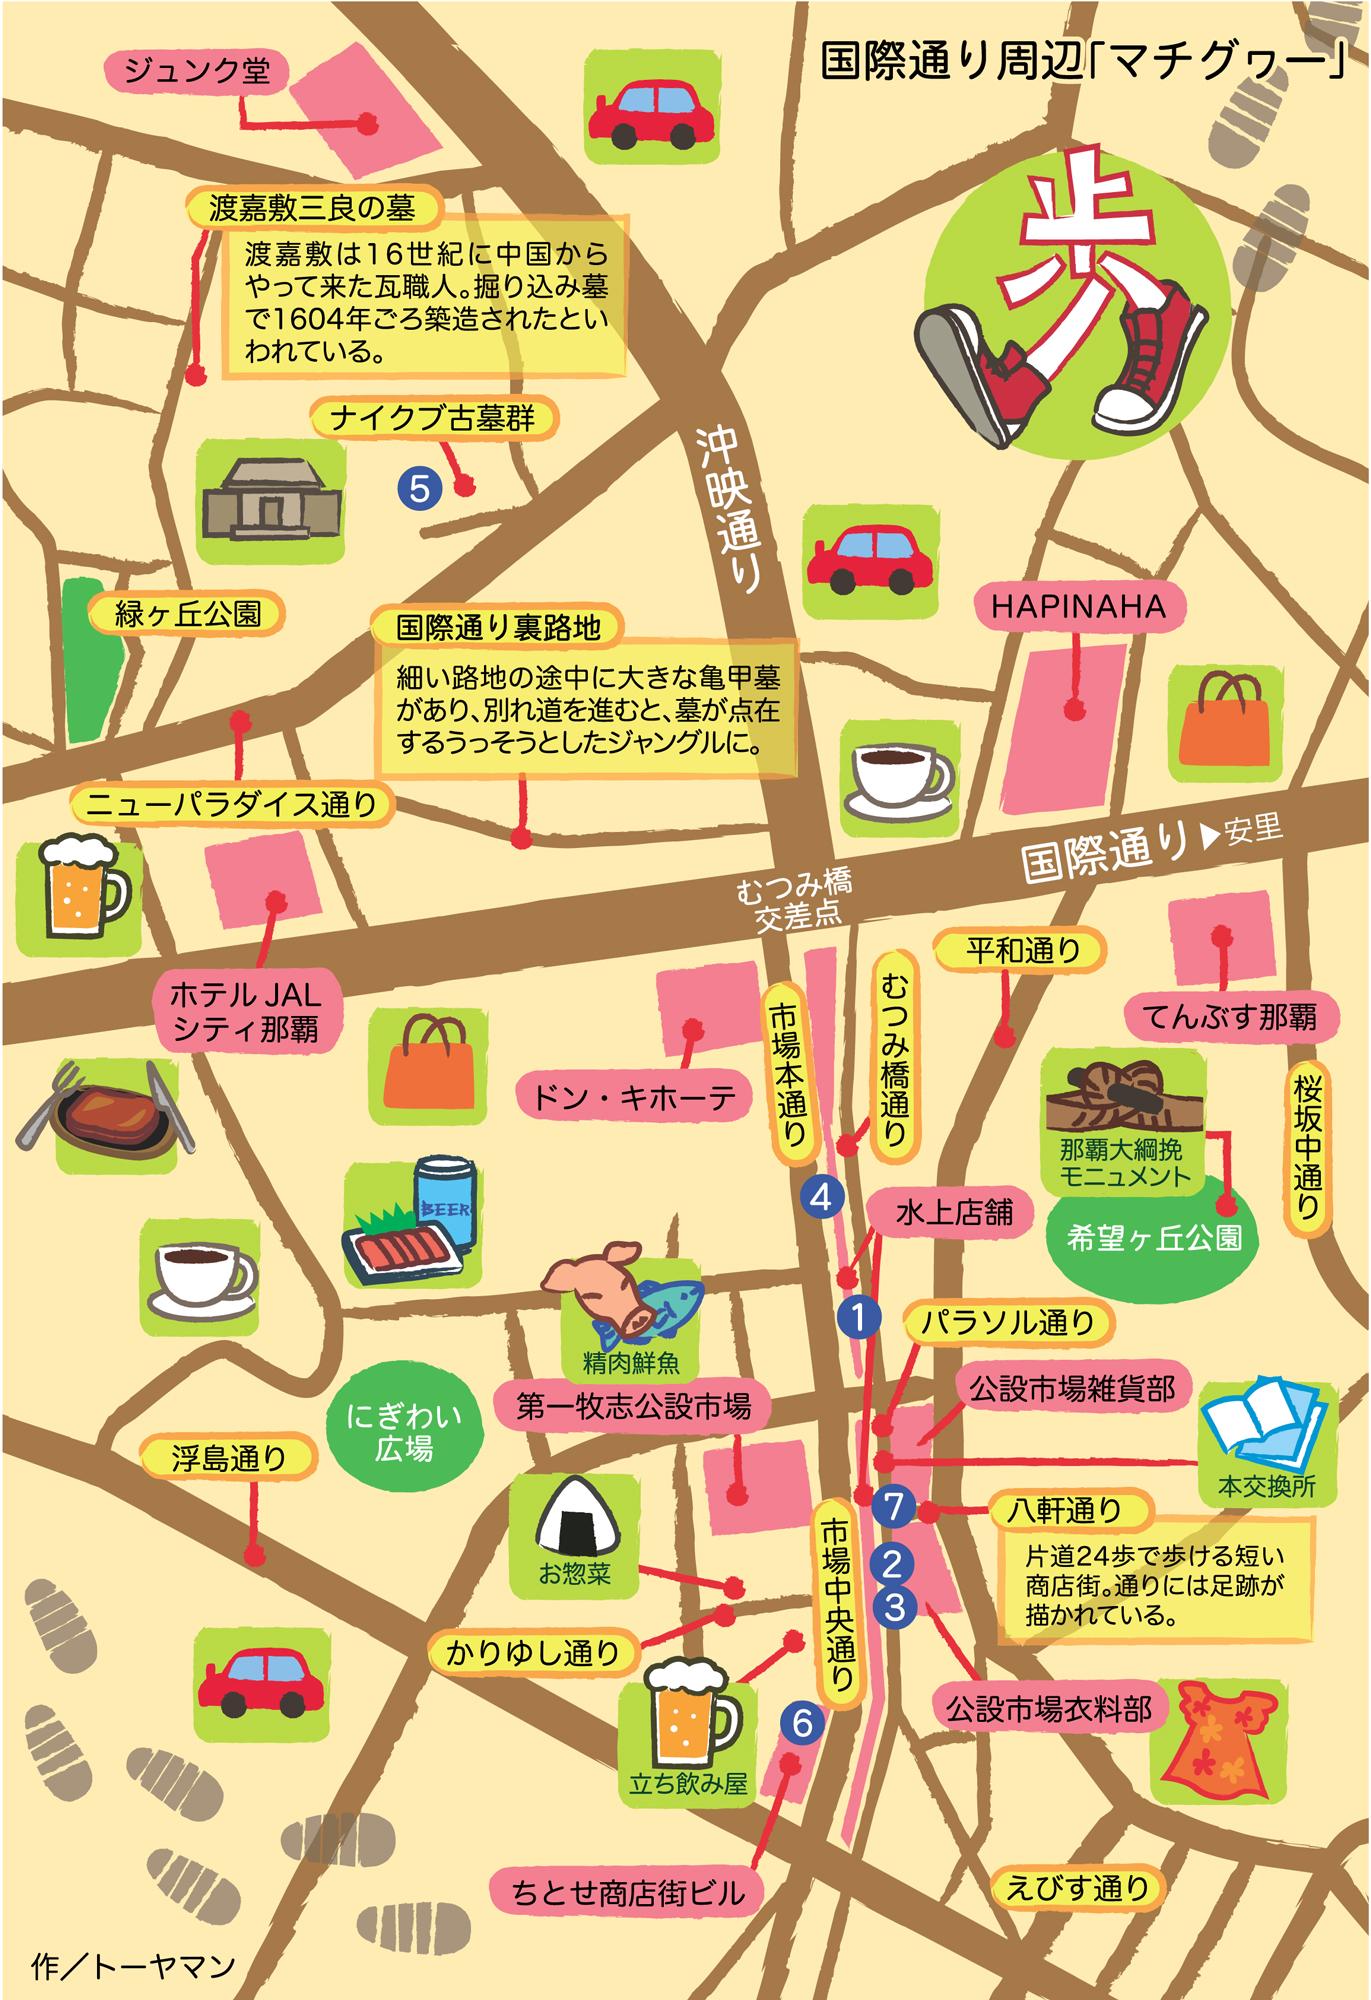 のんびり緩~く小旅行 国際通り周辺「マチグヮー」 - 琉球新報 ...